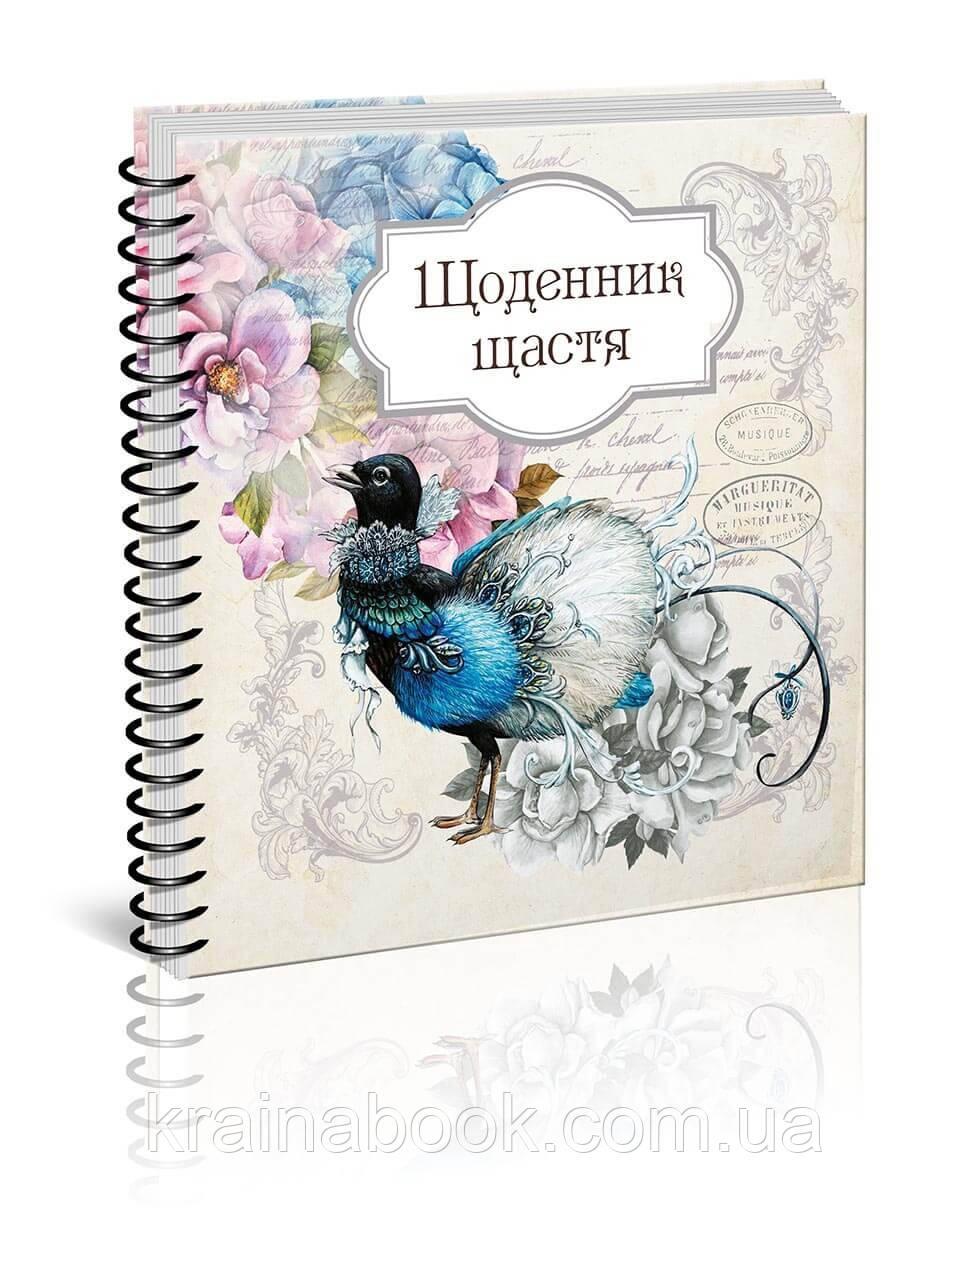 Щоденник щастя.